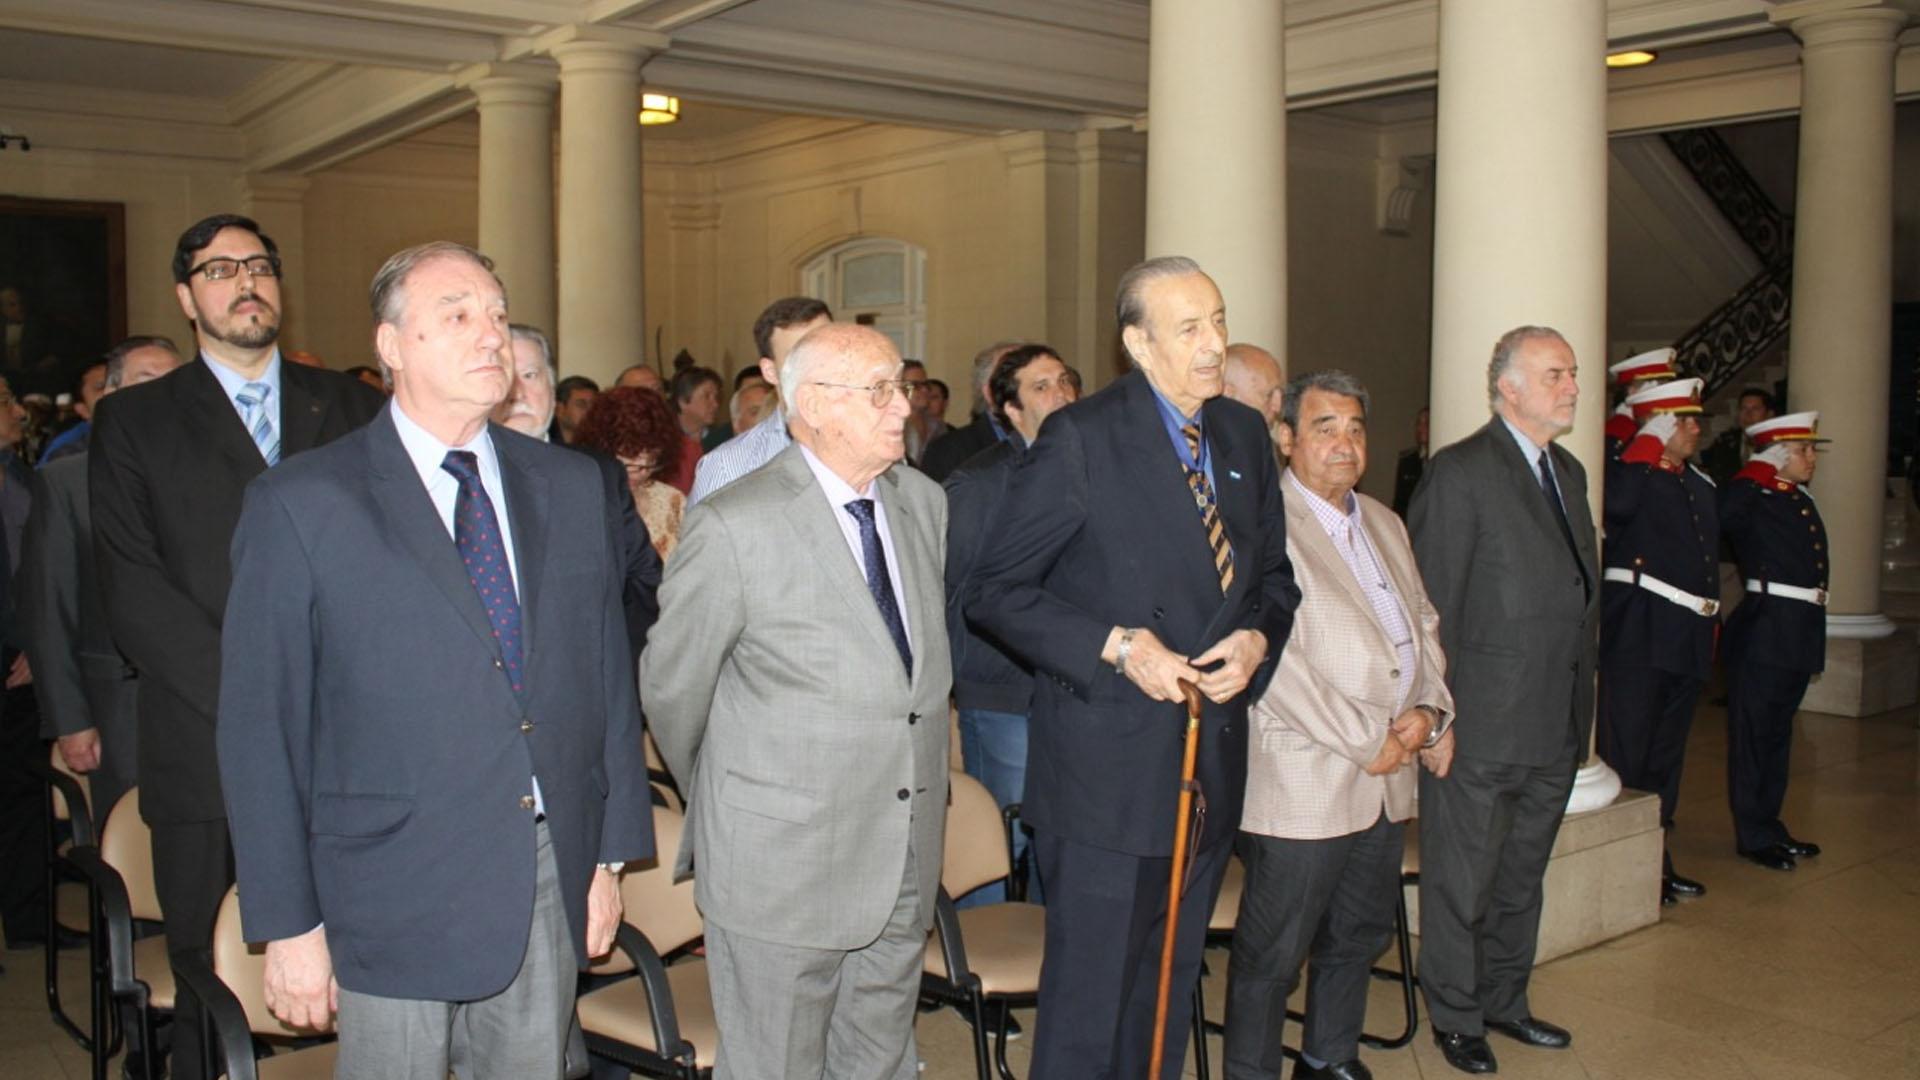 El homenaje a Perón tuvo lugar en el Salón de Honor del Colegio Militar de la Nación